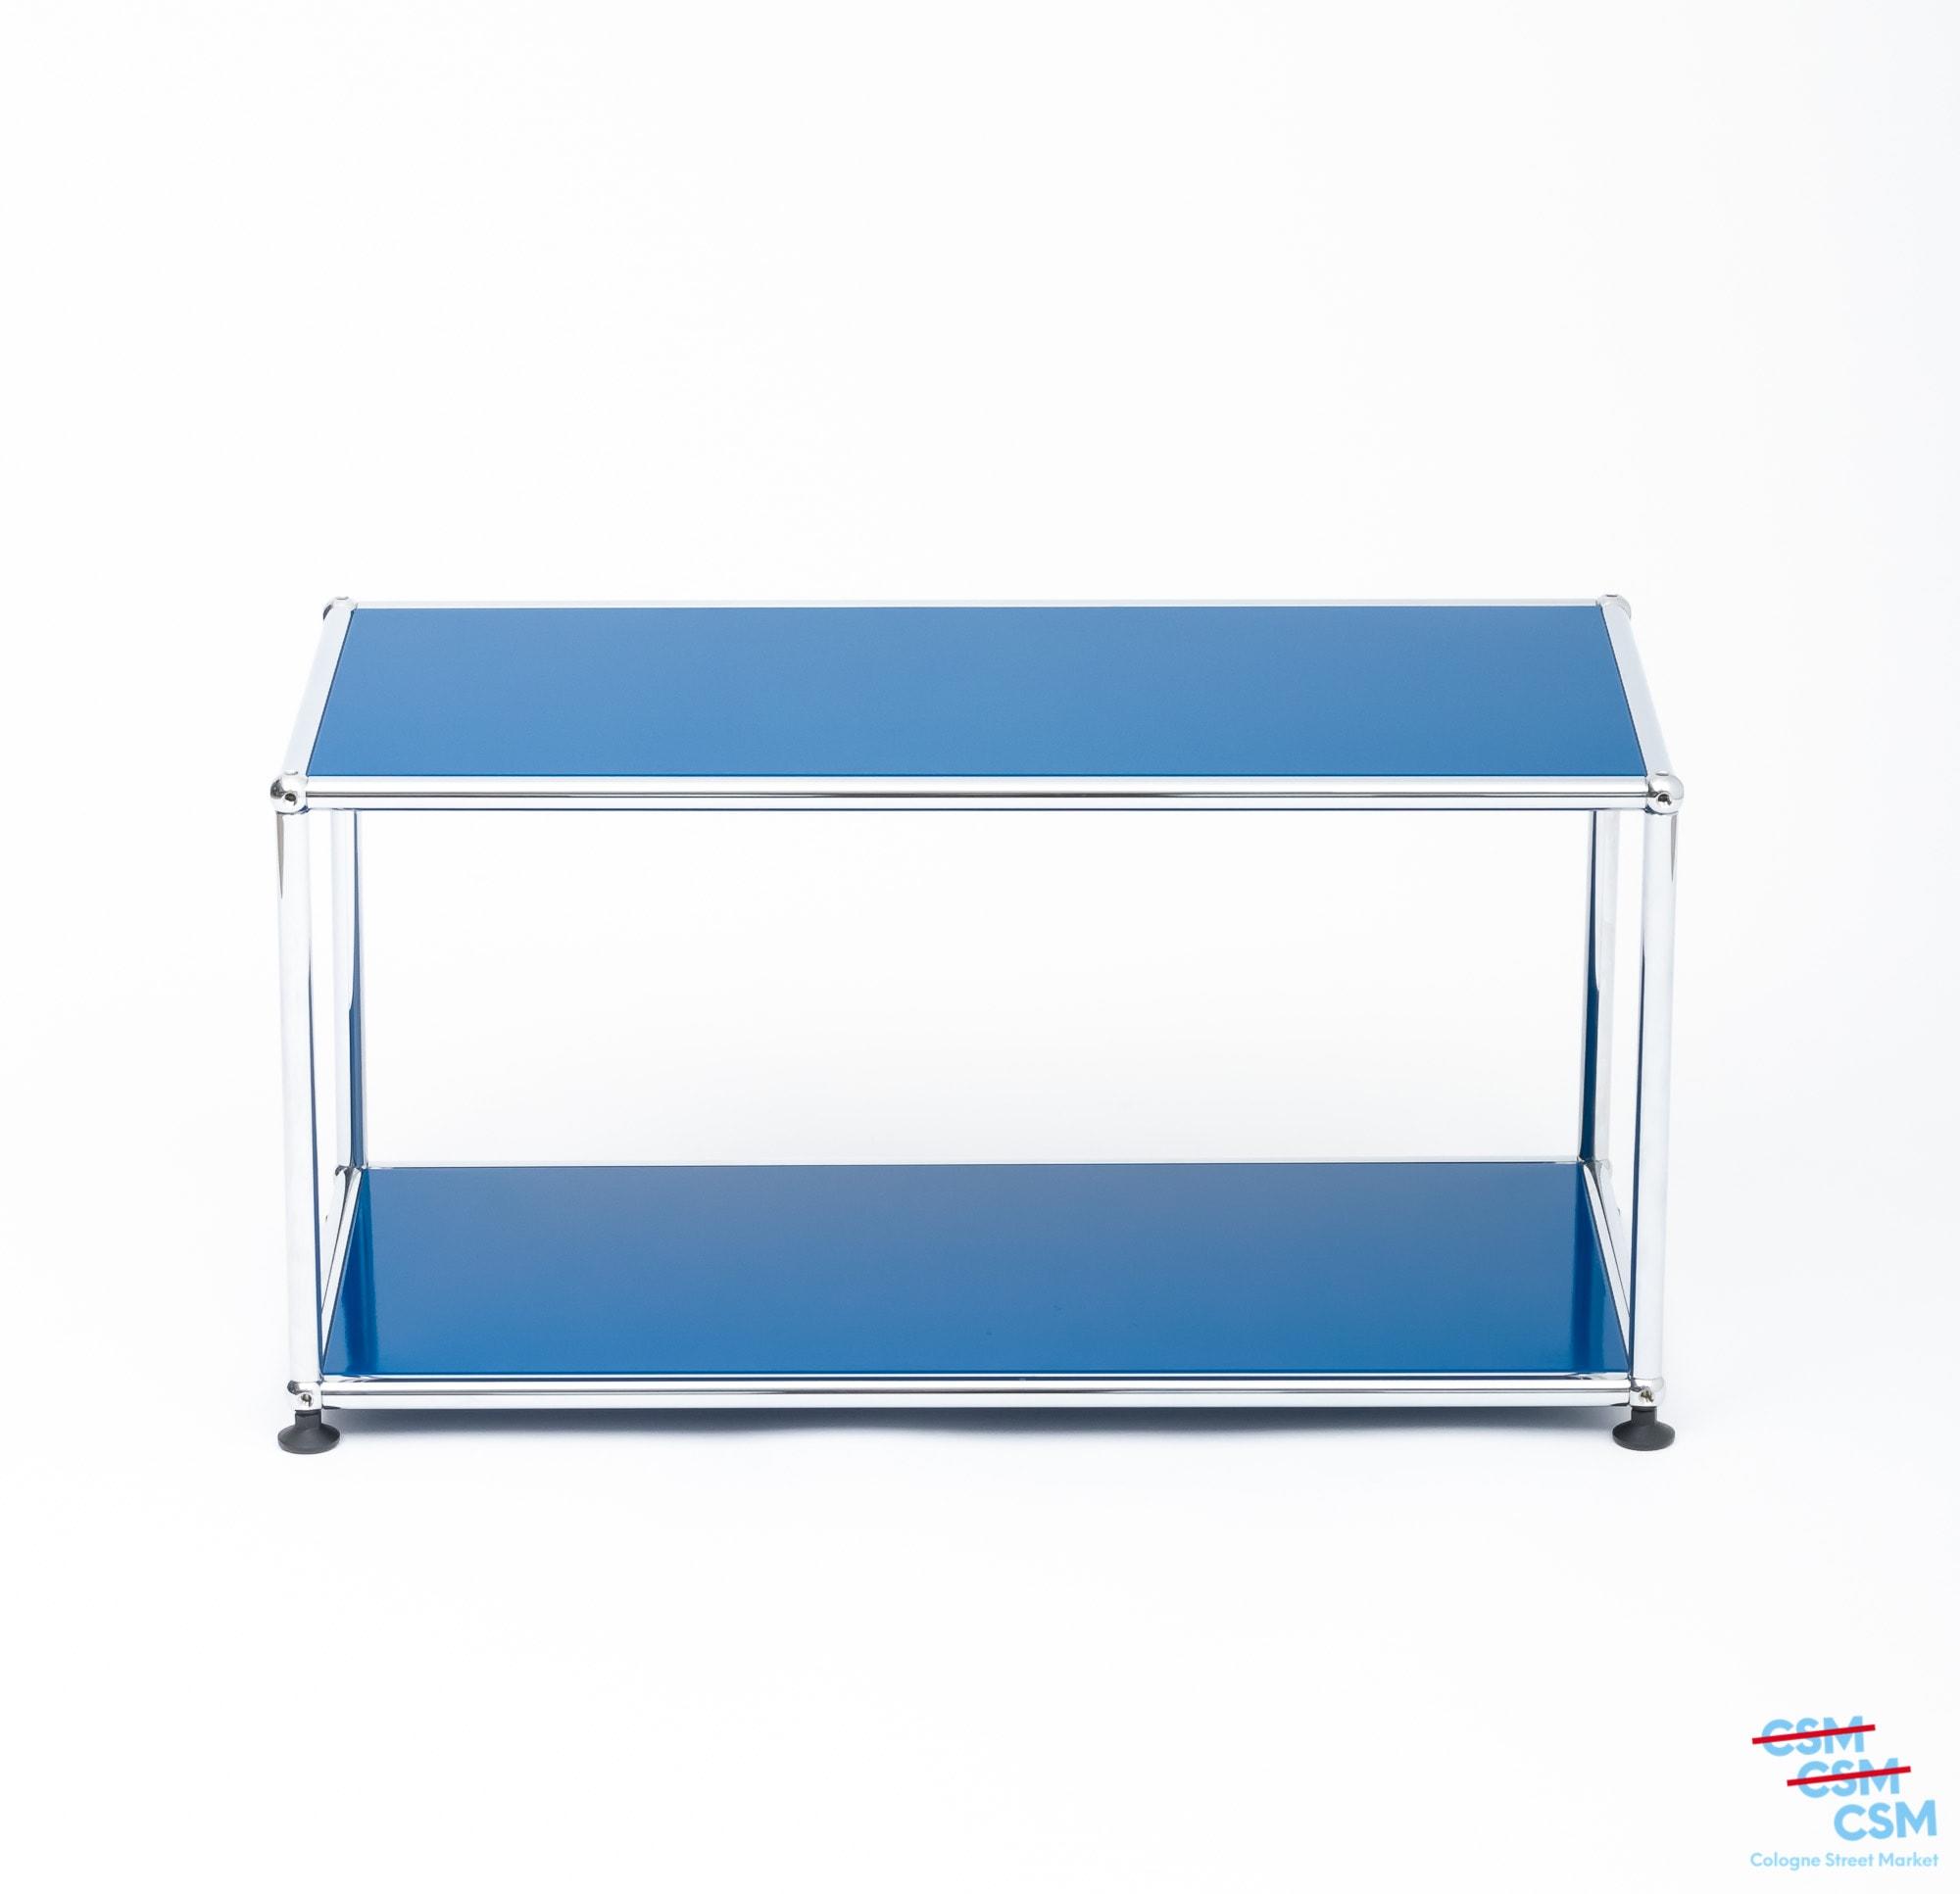 USM Haller Beistelltisch Enzianblau gebraucht 1